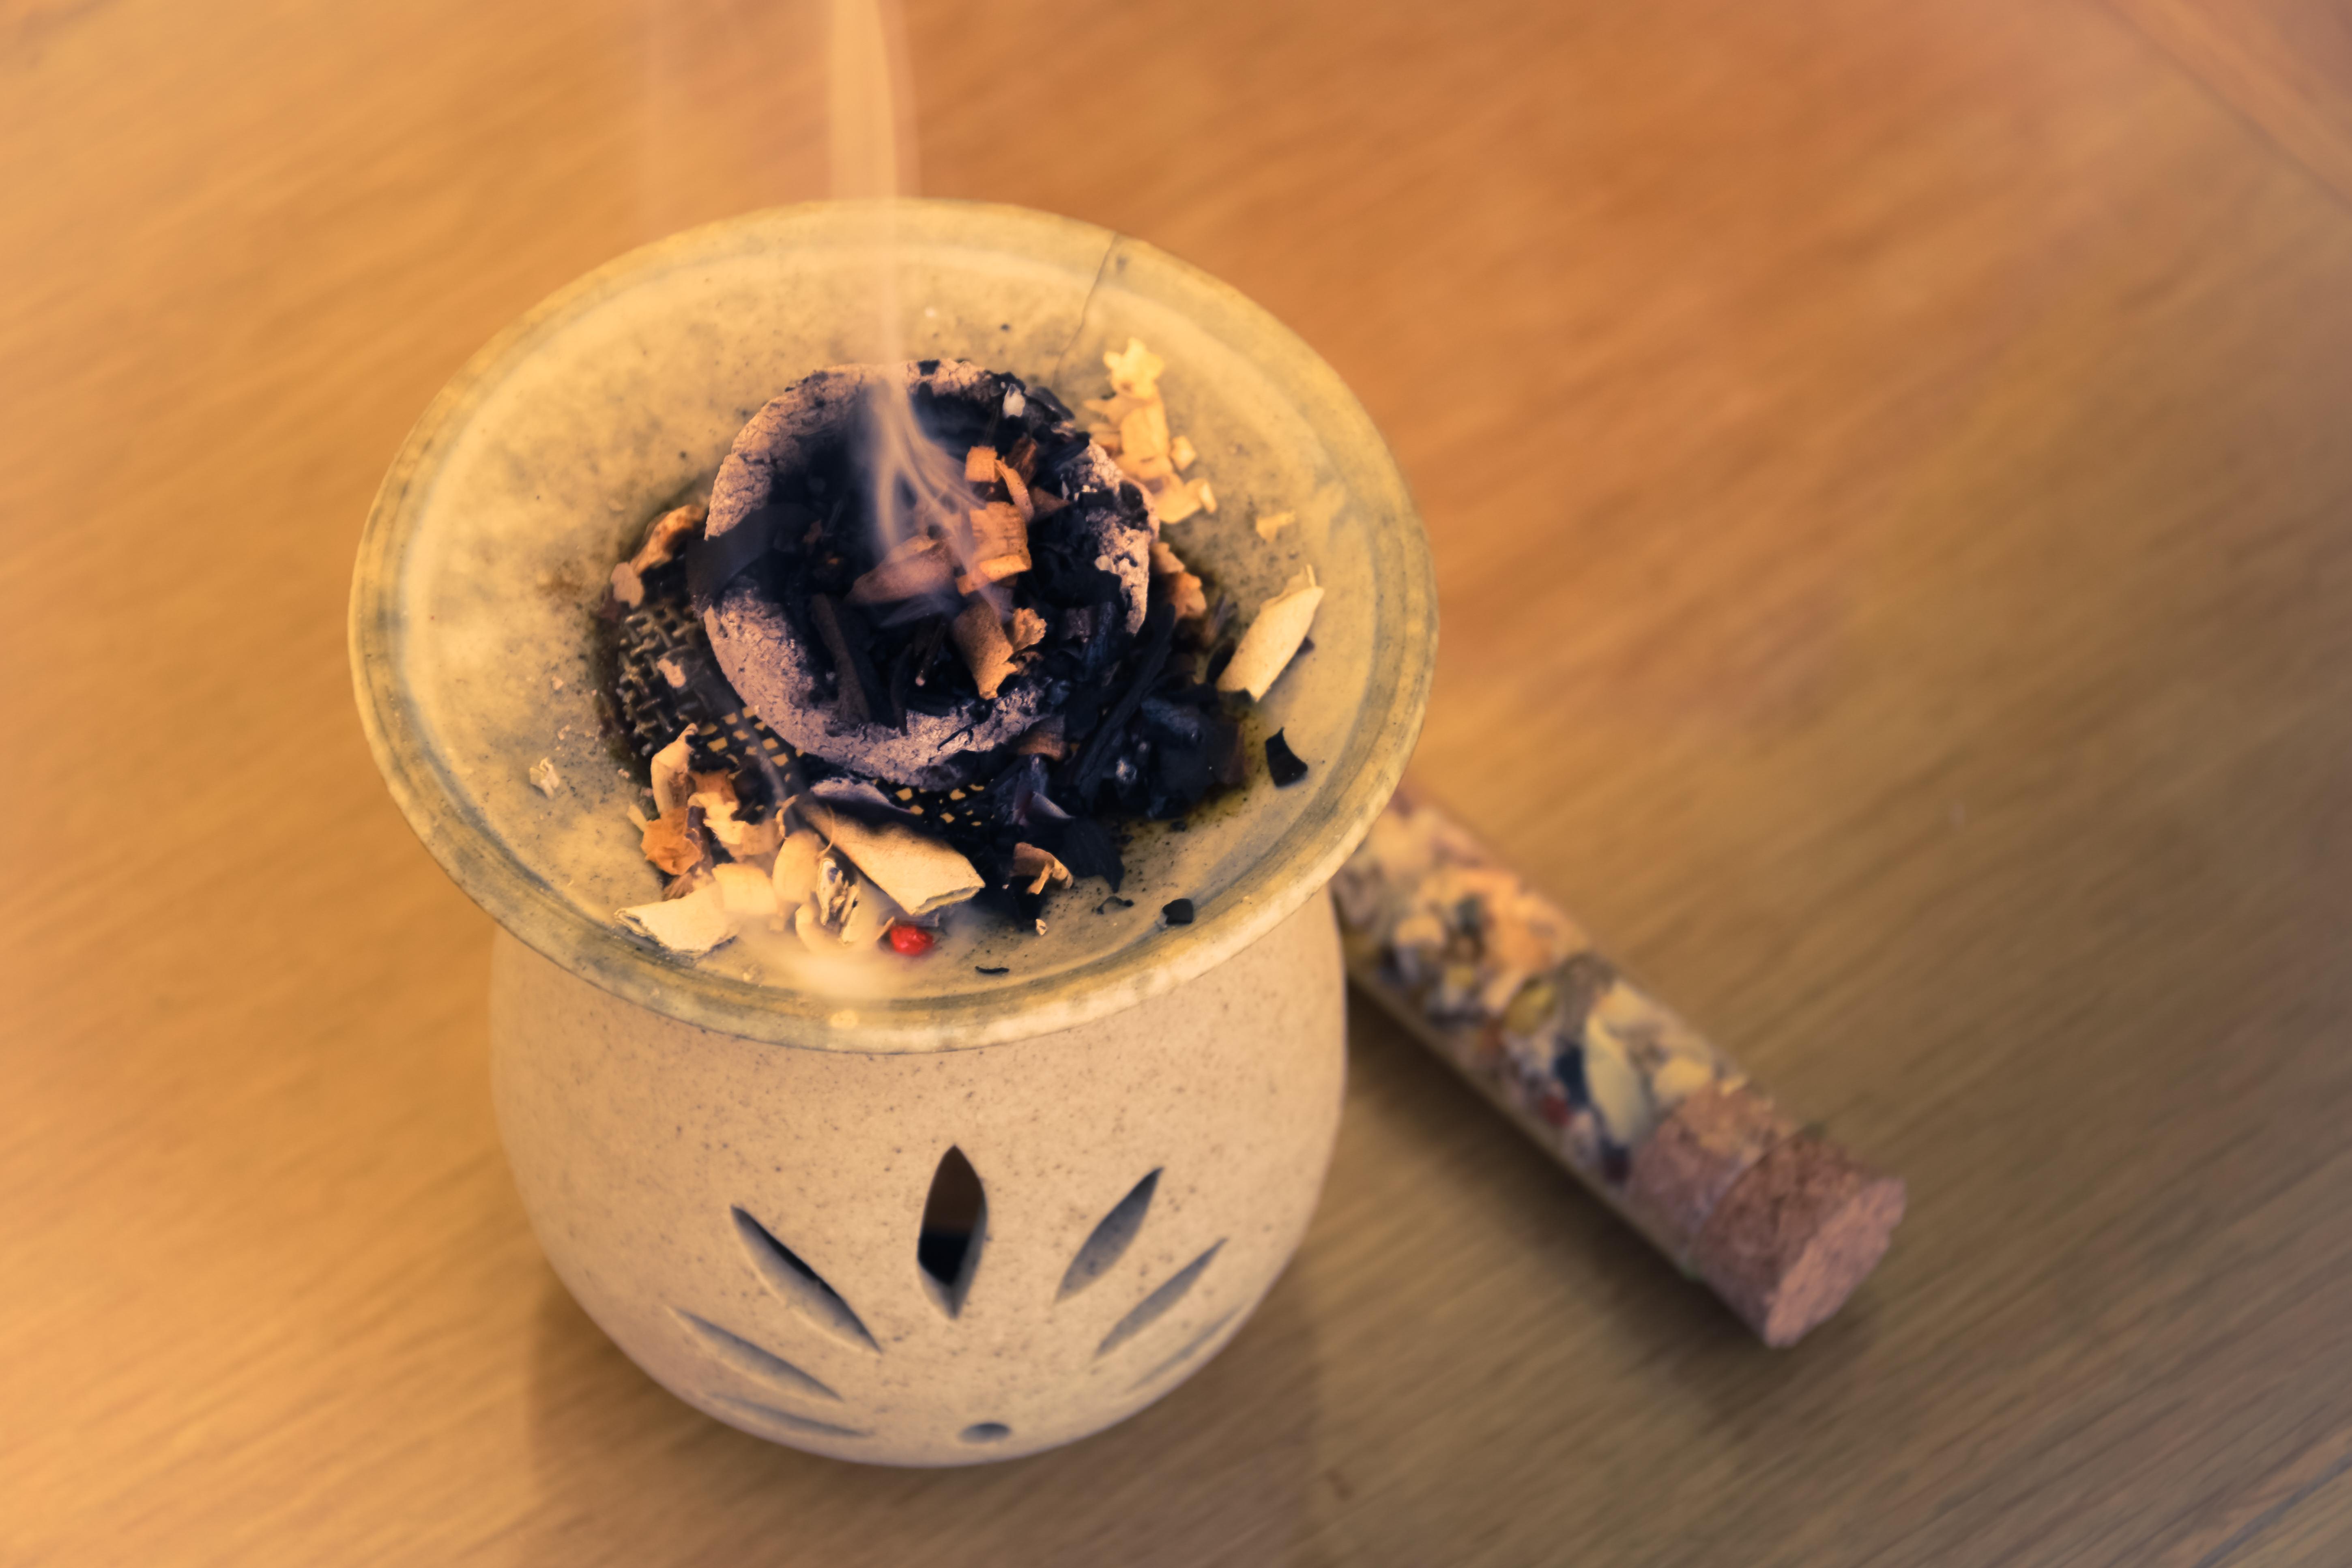 Per Fumum – Durch Rauch und Räuchertradition